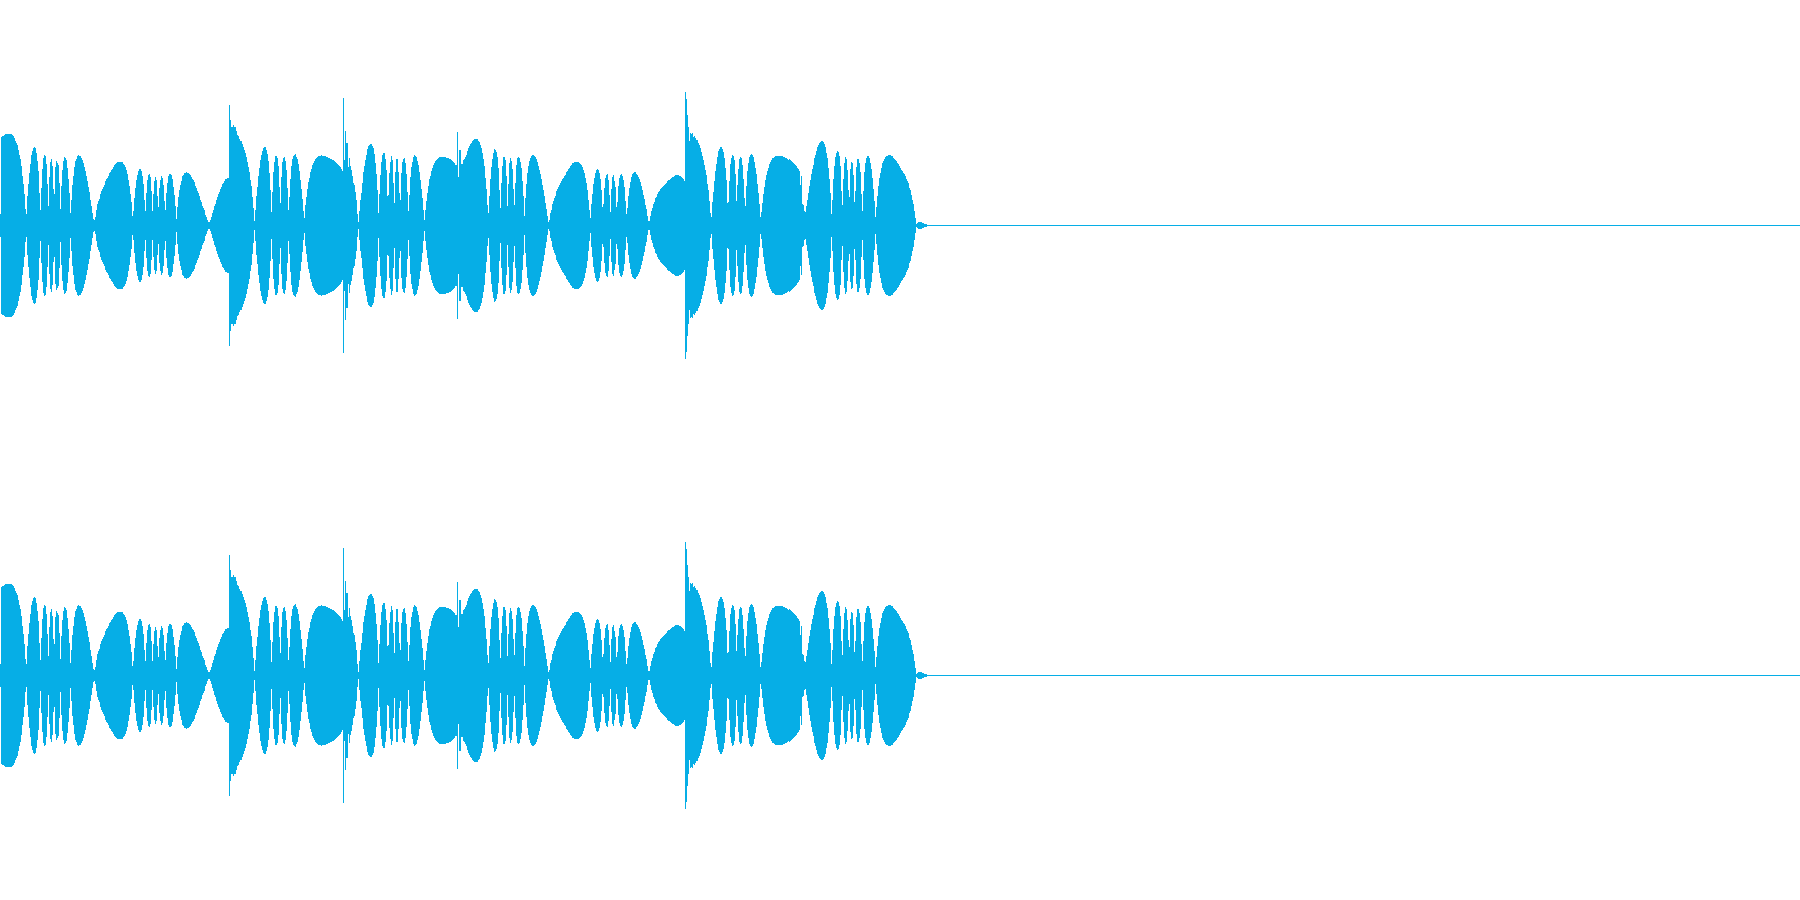 あせあせ・ワナワナ(焦っている効果音)の再生済みの波形